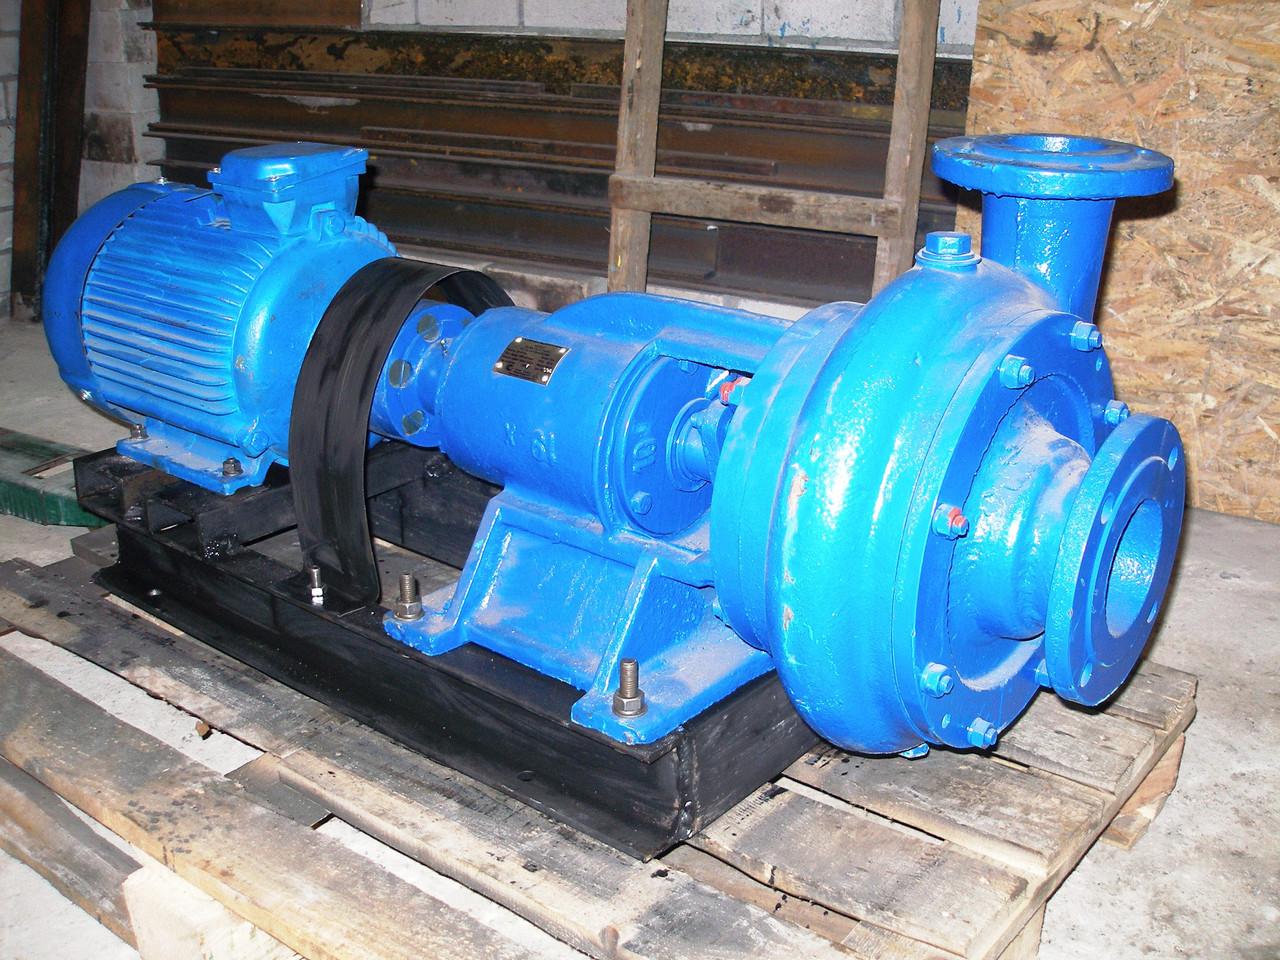 Насос фекальный СД 80/32б с эл.двиг. 11 кВт/1500 об.мин